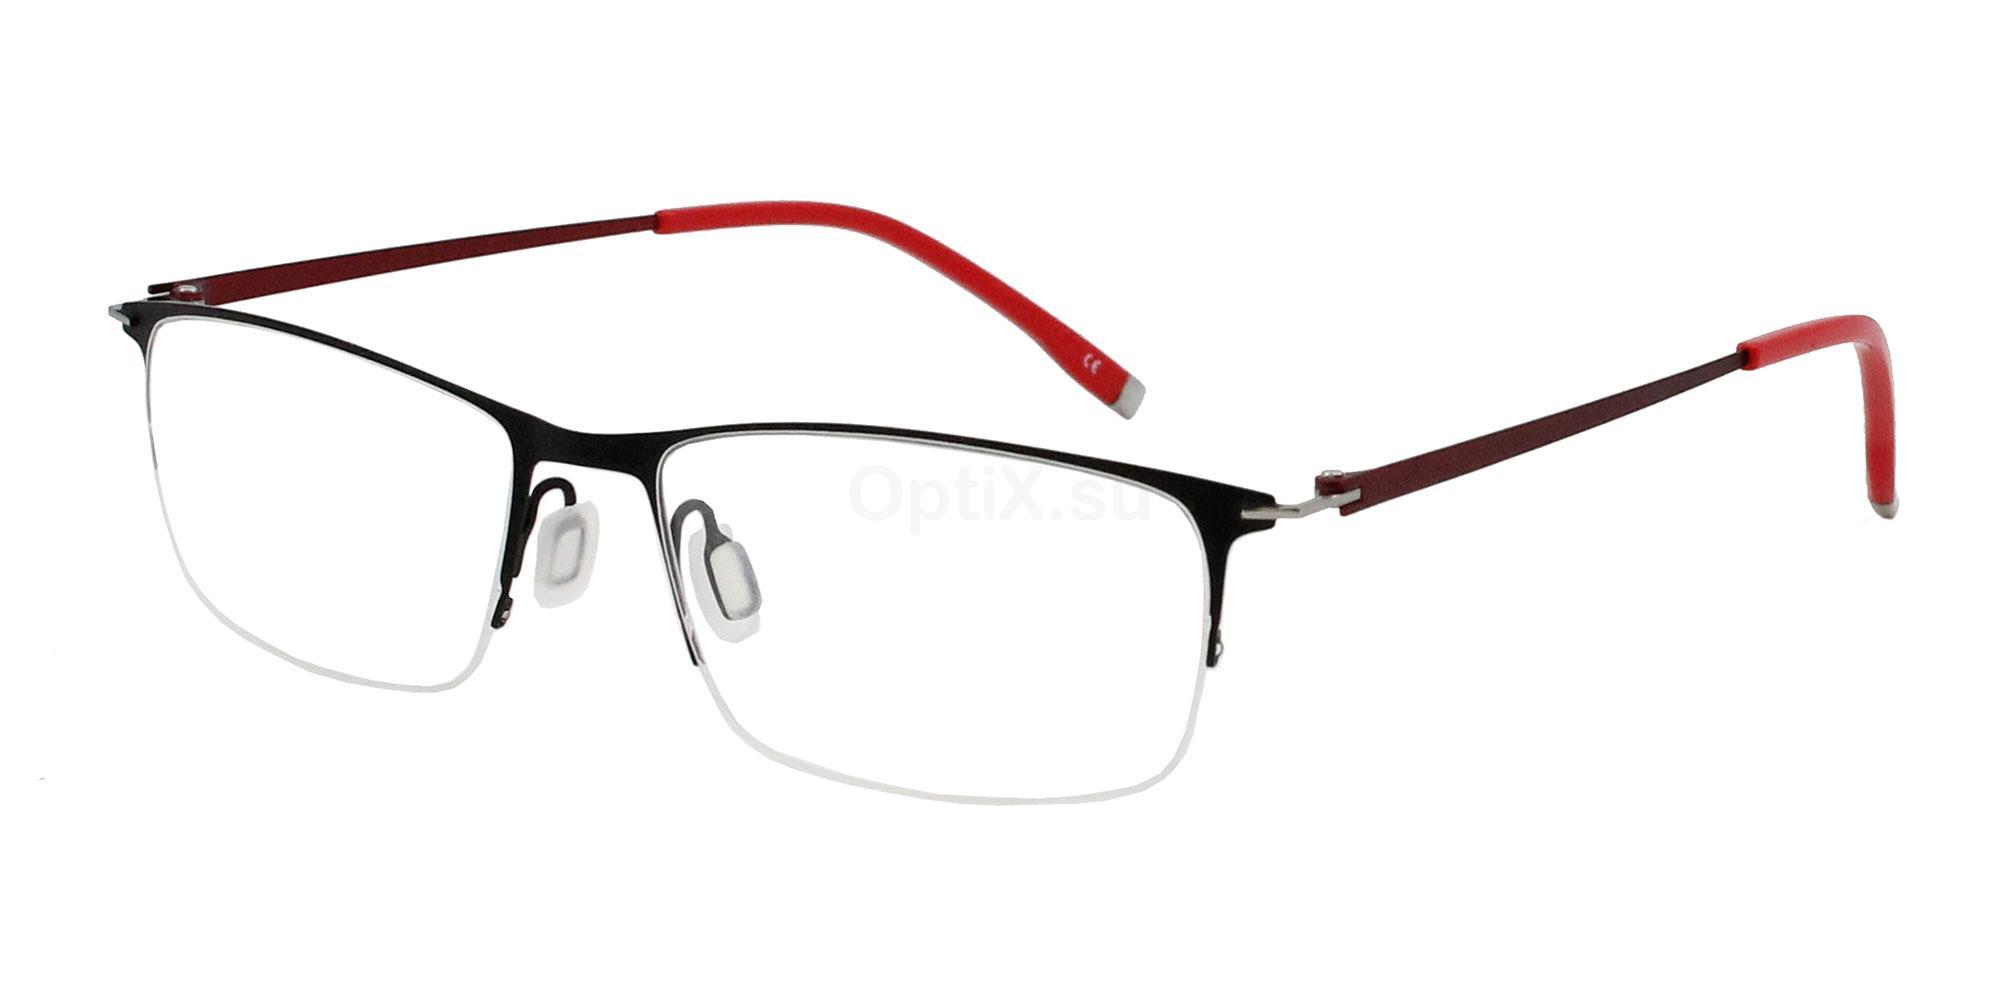 02 5004 Glasses, Hygge Denmark